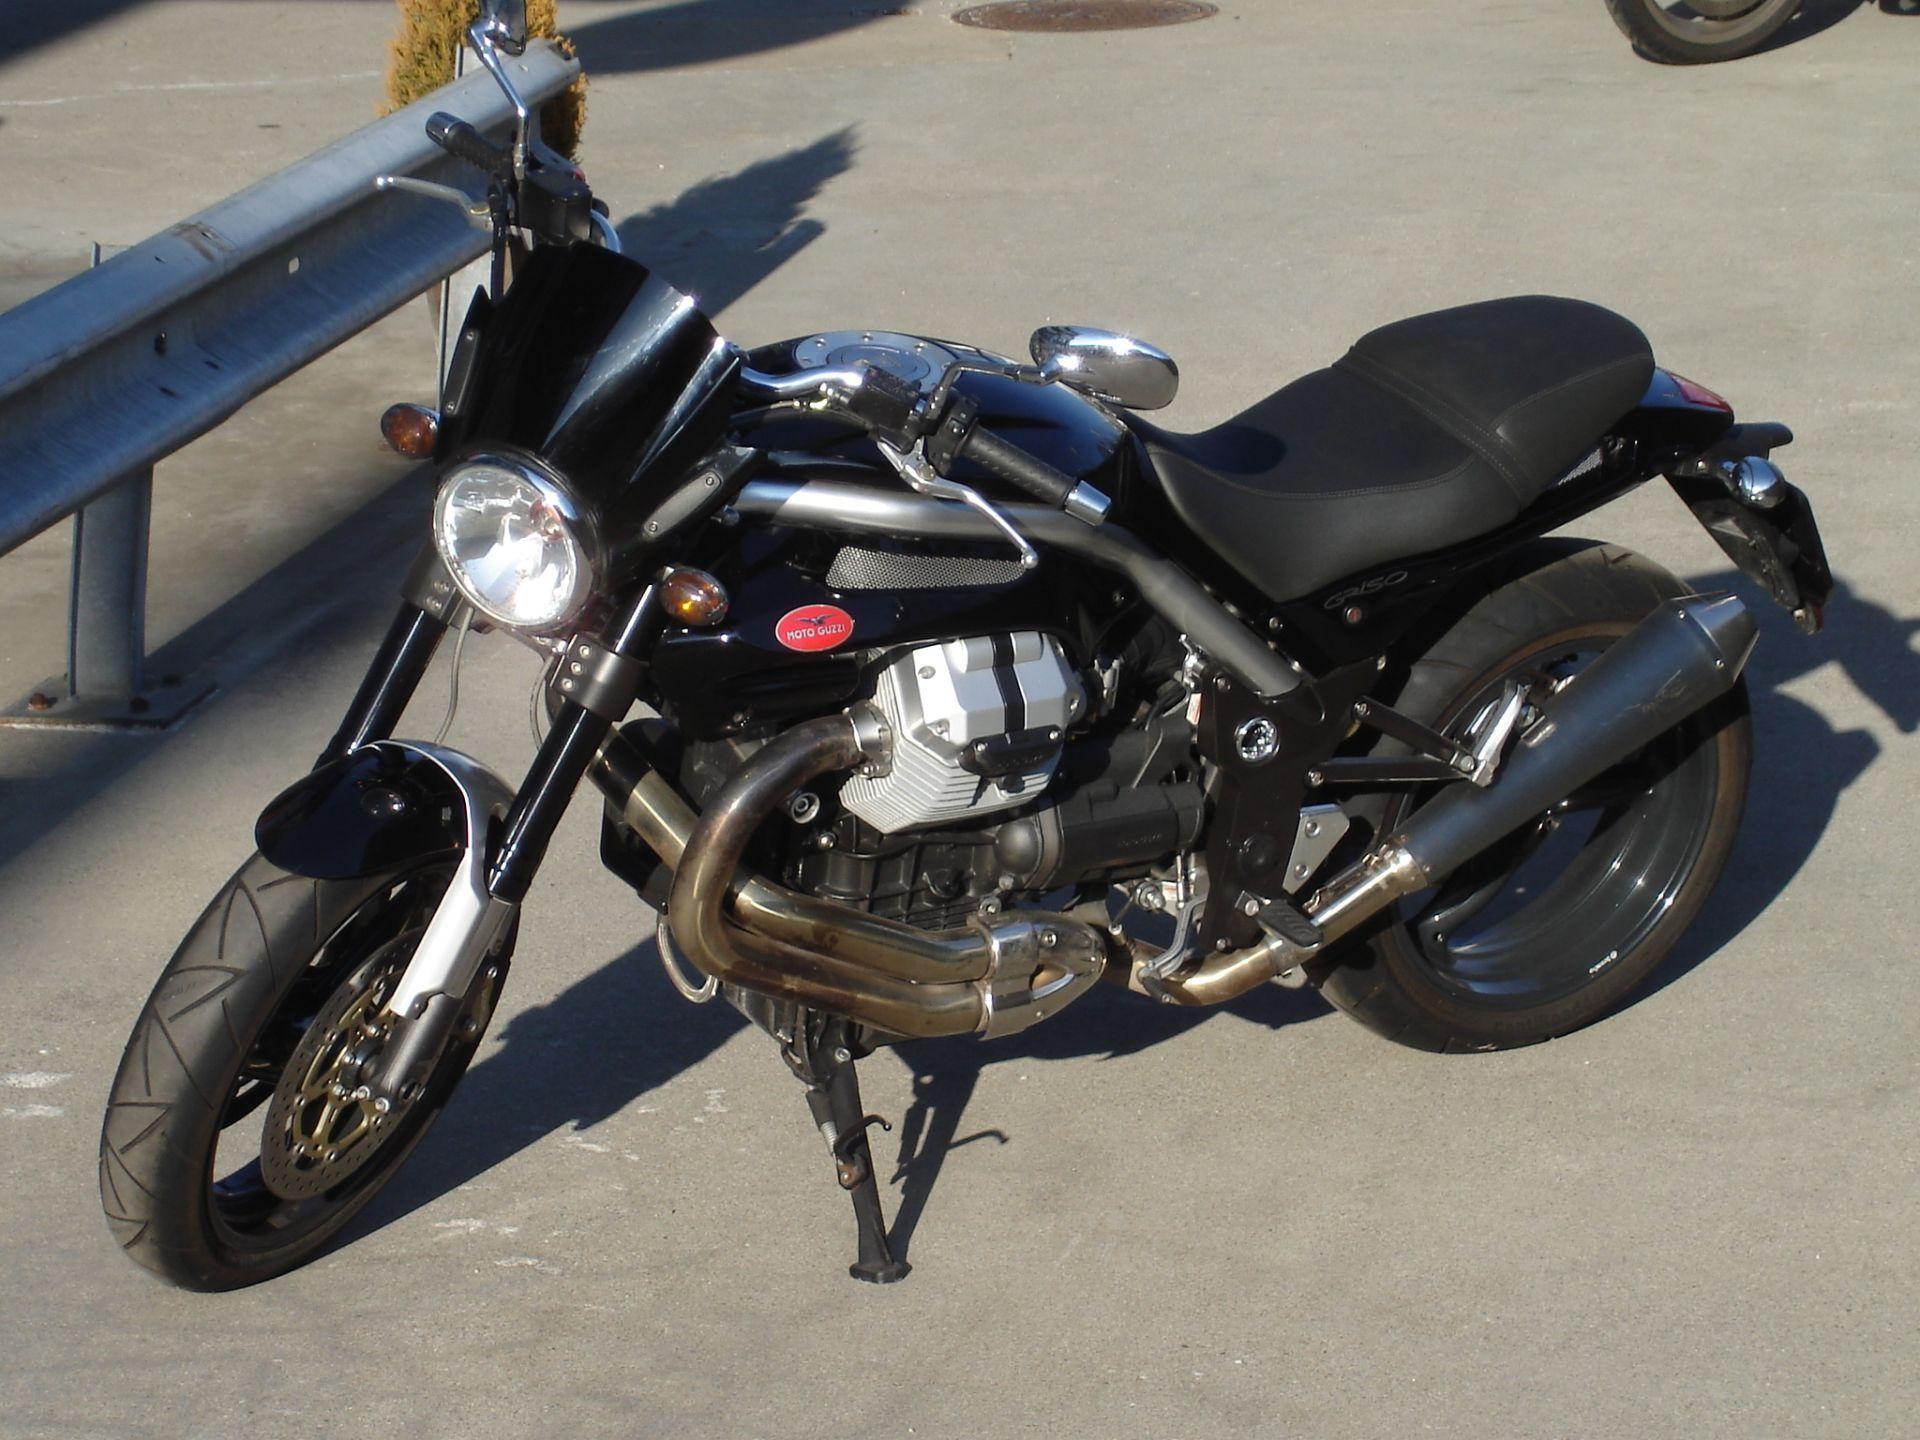 motorrad occasion kaufen moto guzzi griso 1100 i e la. Black Bedroom Furniture Sets. Home Design Ideas